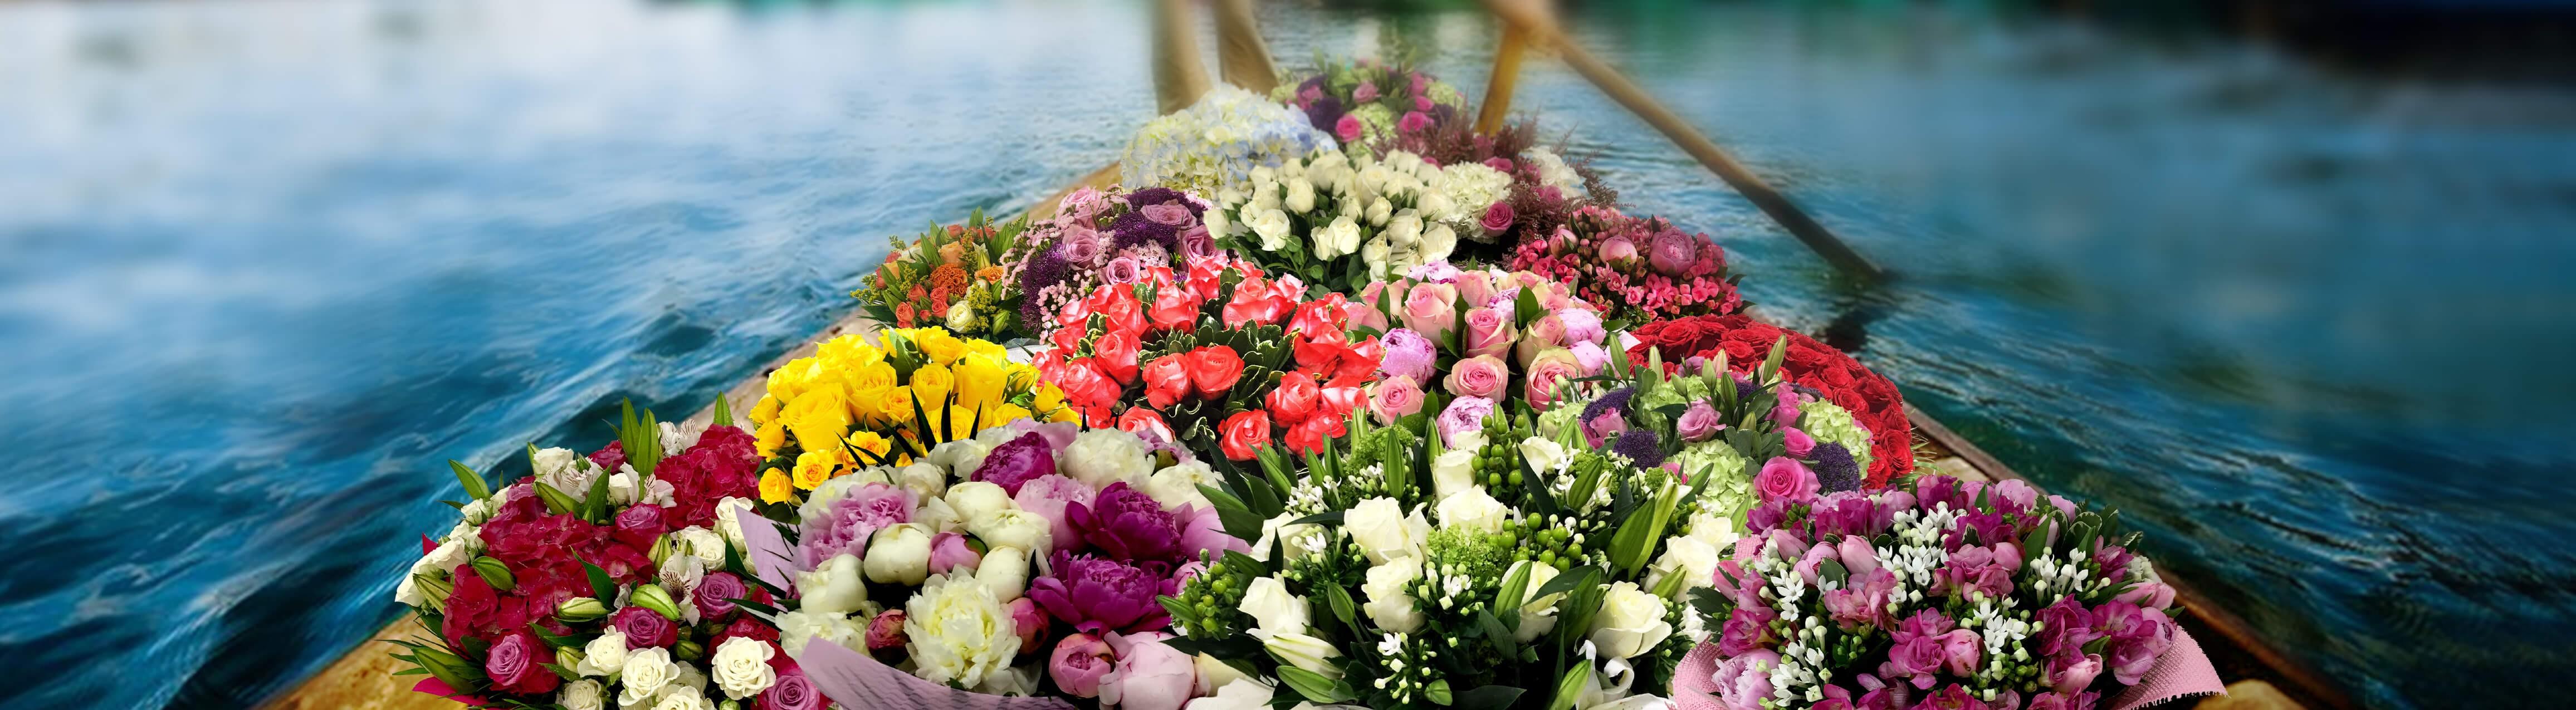 Birthday flowers delivery dubai special occasion flowers online dubai flowers flowers flowers flowers flowers izmirmasajfo